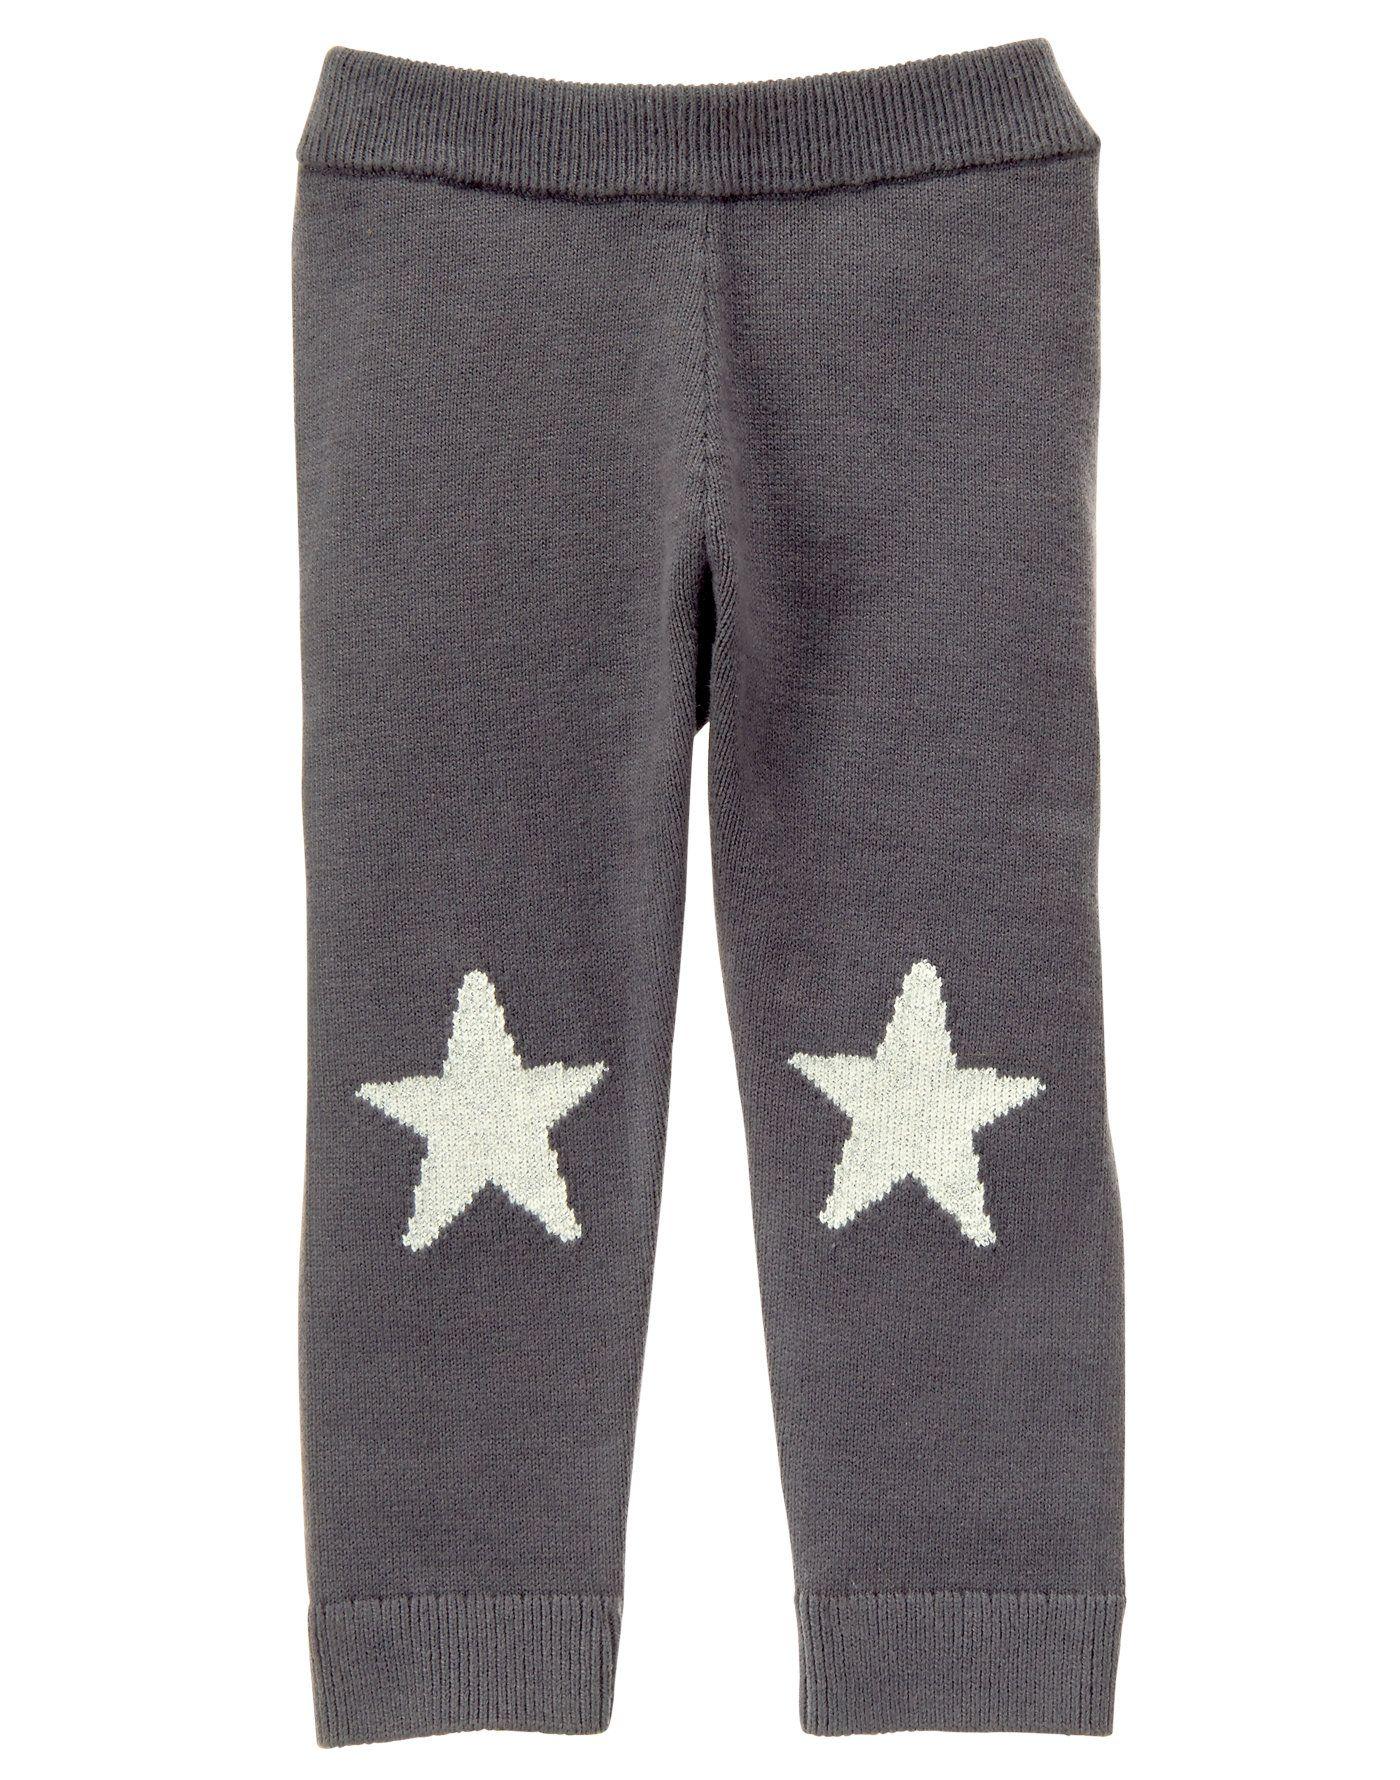 4c8cafe9103825 Star Knit Leggings | kids fashion-girls | Knit leggings, Leggings ...